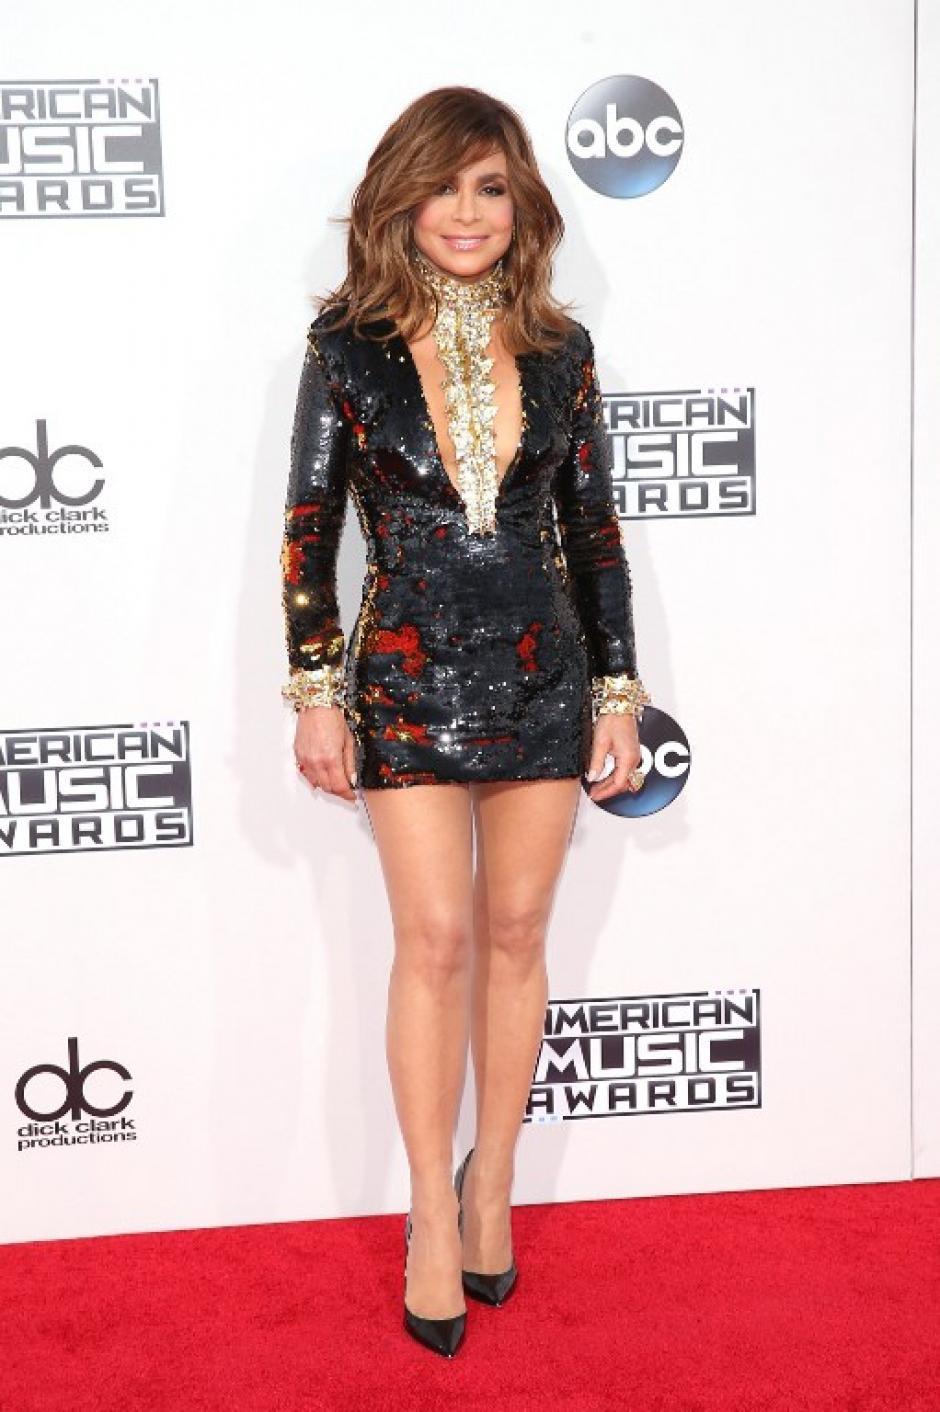 La cantante Paula Abdul luce su figura en la alfombra roja de los American Music Awards en Los Ángeles, California. (Foto: Mark Davis / AFP)